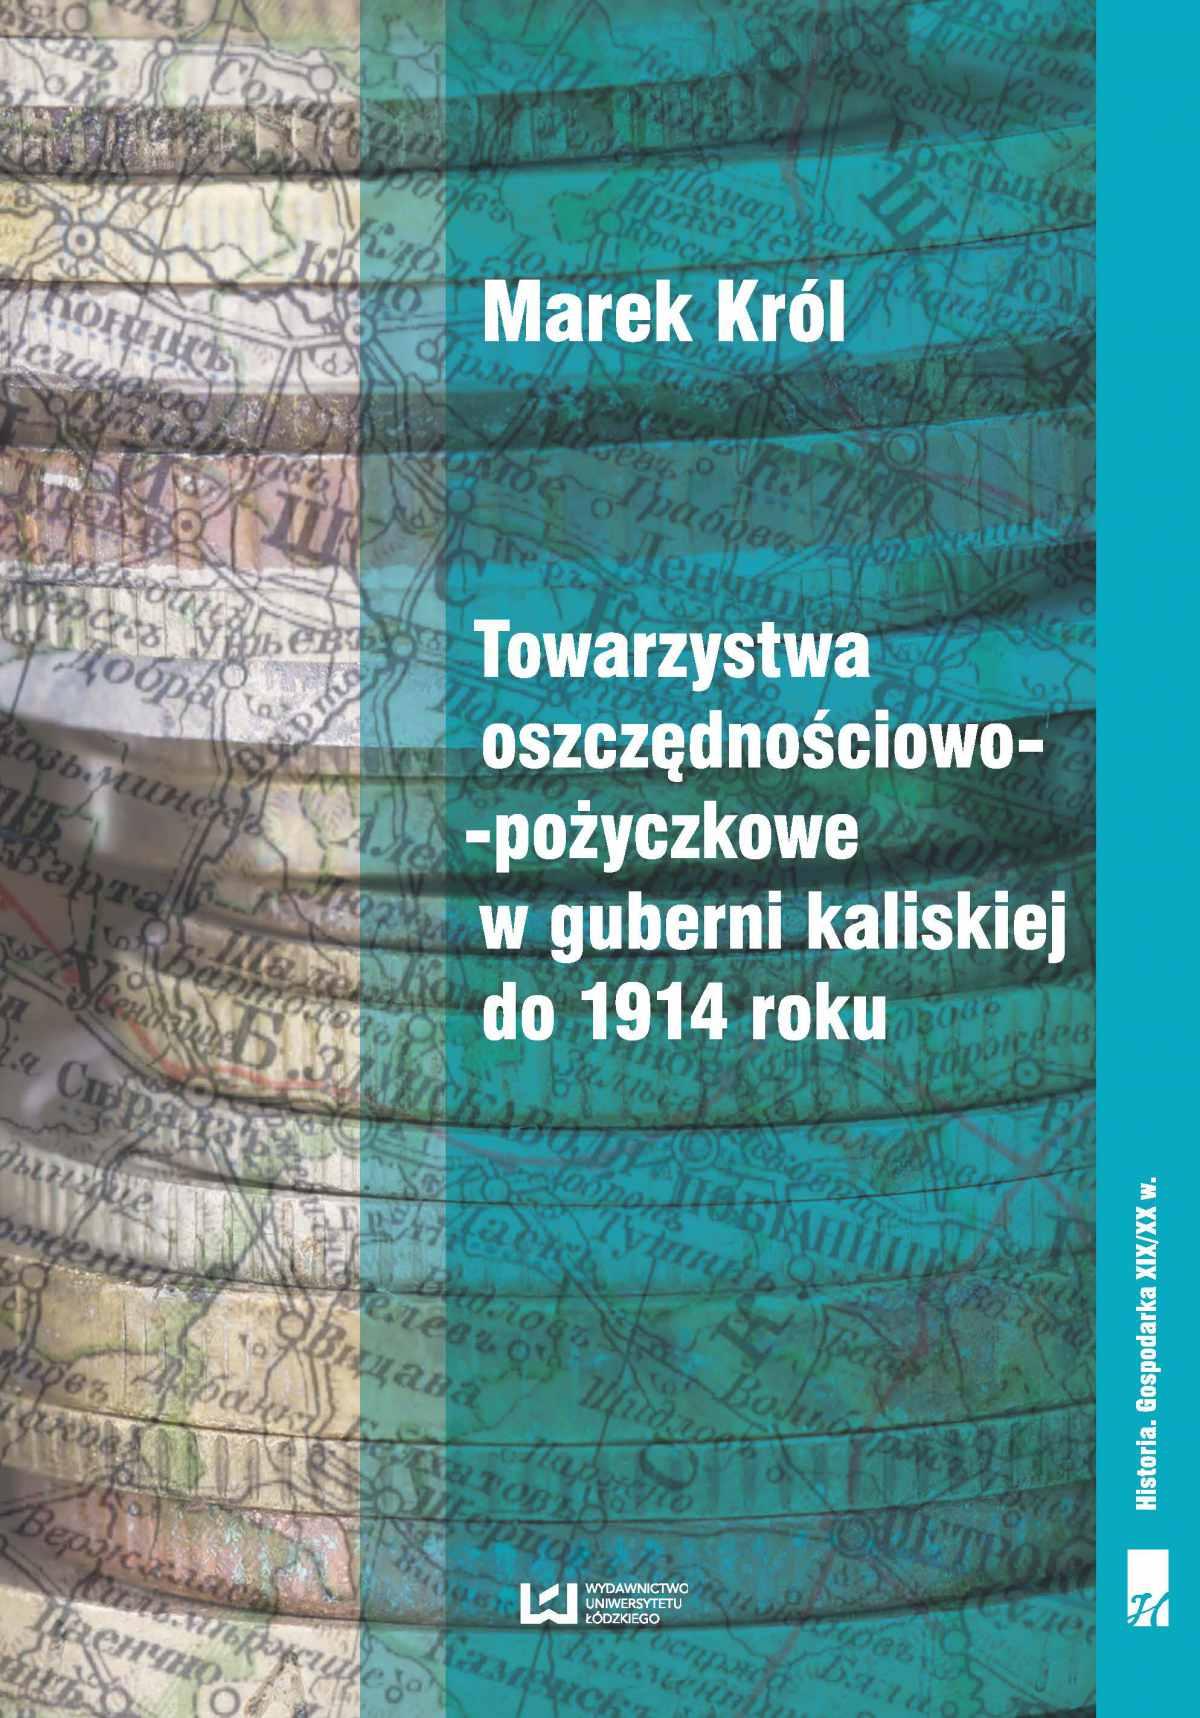 Towarzystwa oszczędnościowo-pożyczkowe w guberni kaliskiej do 1914 roku - Ebook (Książka PDF) do pobrania w formacie PDF